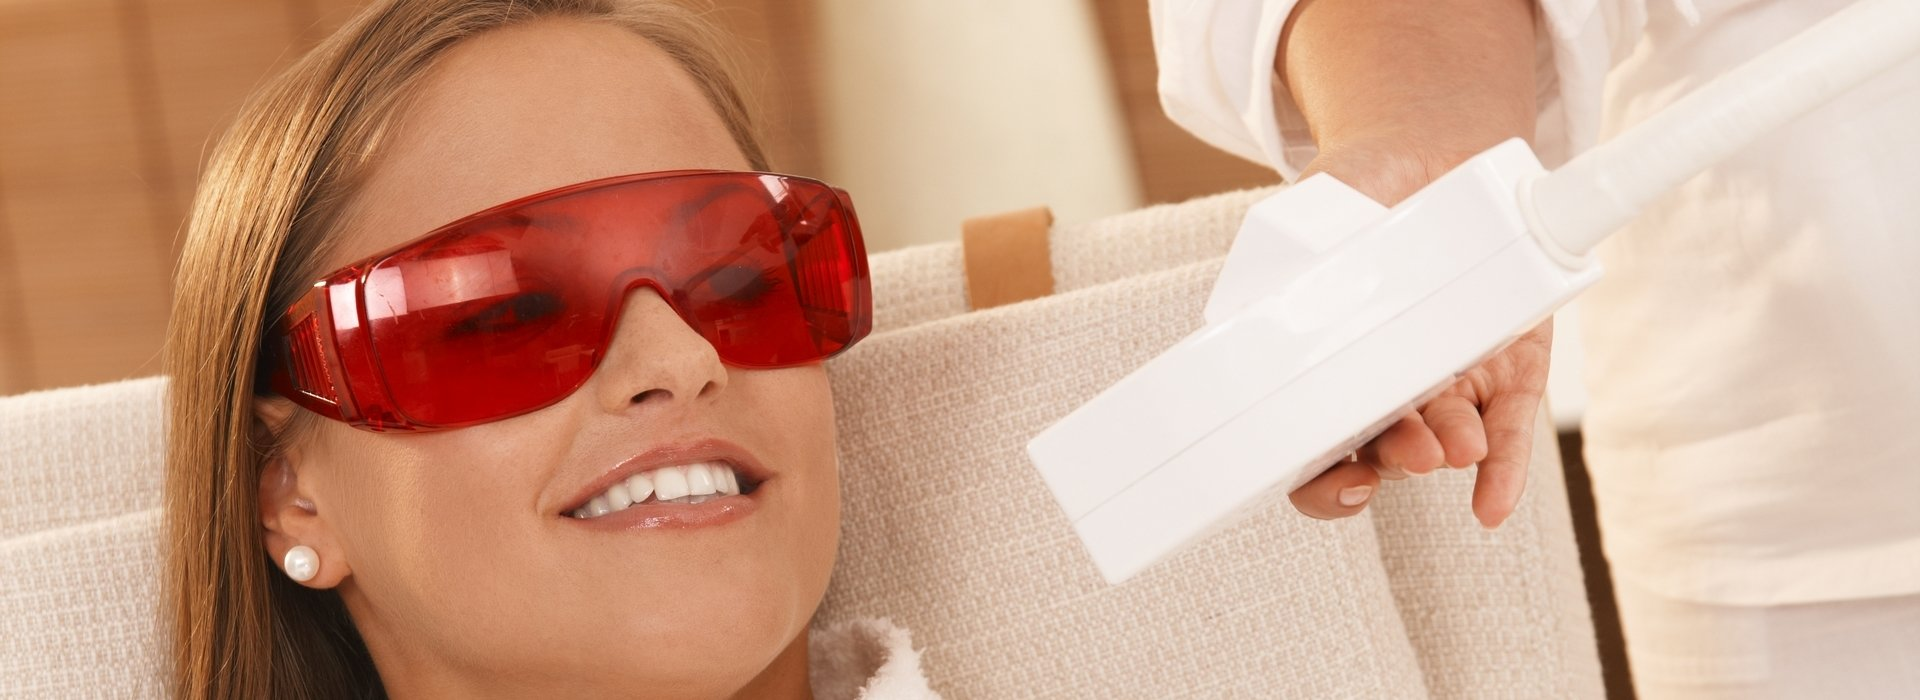 Myopia laser correction